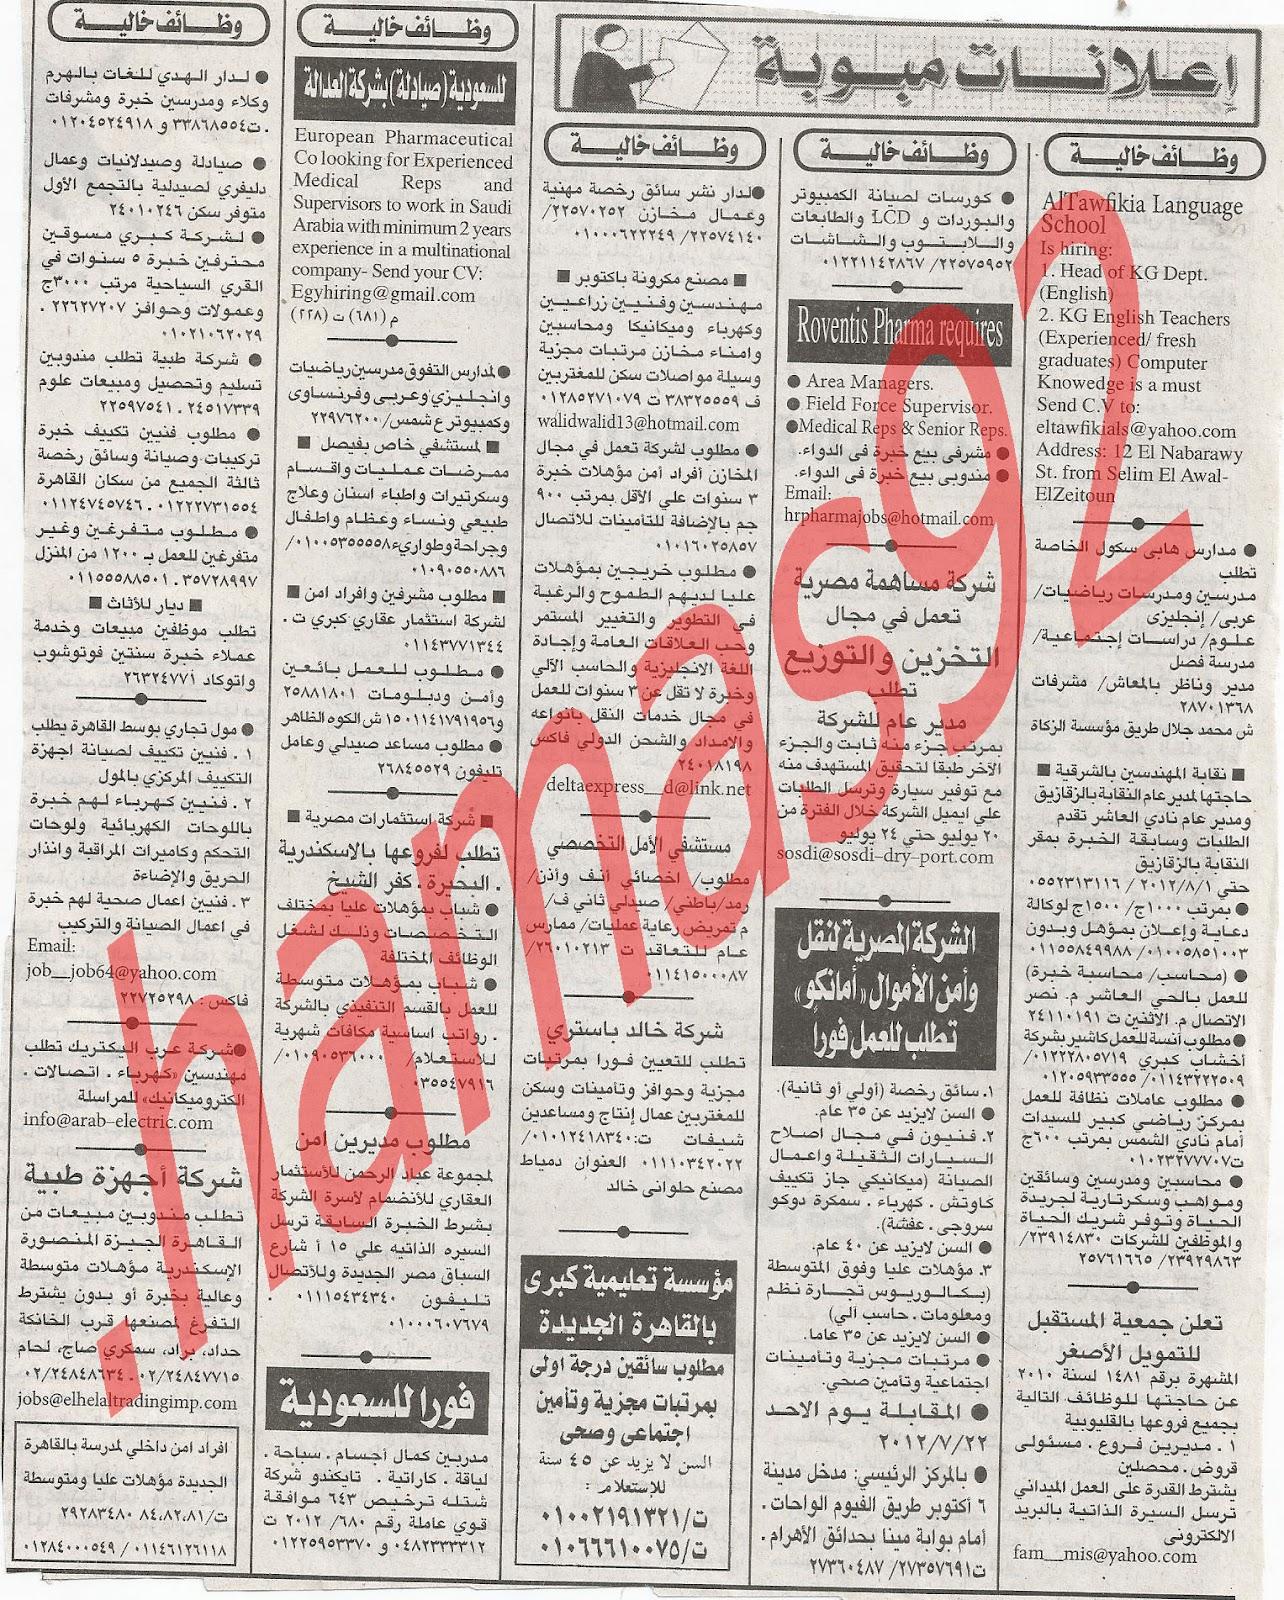 وظائف جريدة الاهرام الجمعة 20/7/2012 - الاعلانات كاملة 4